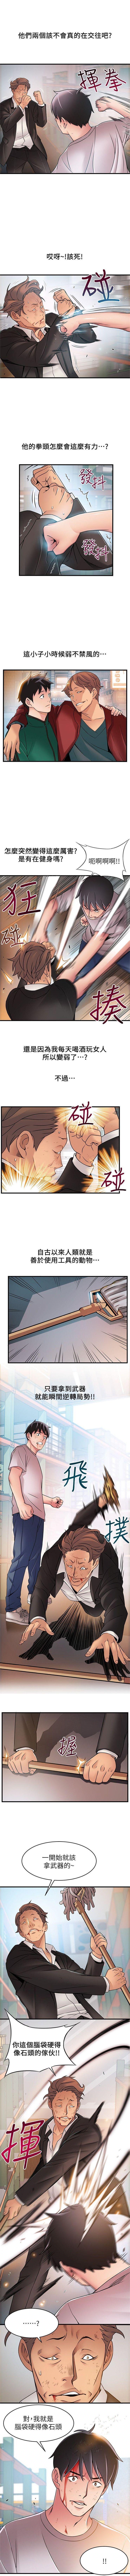 (周7)弱点 1-66 中文翻译(更新中) 176